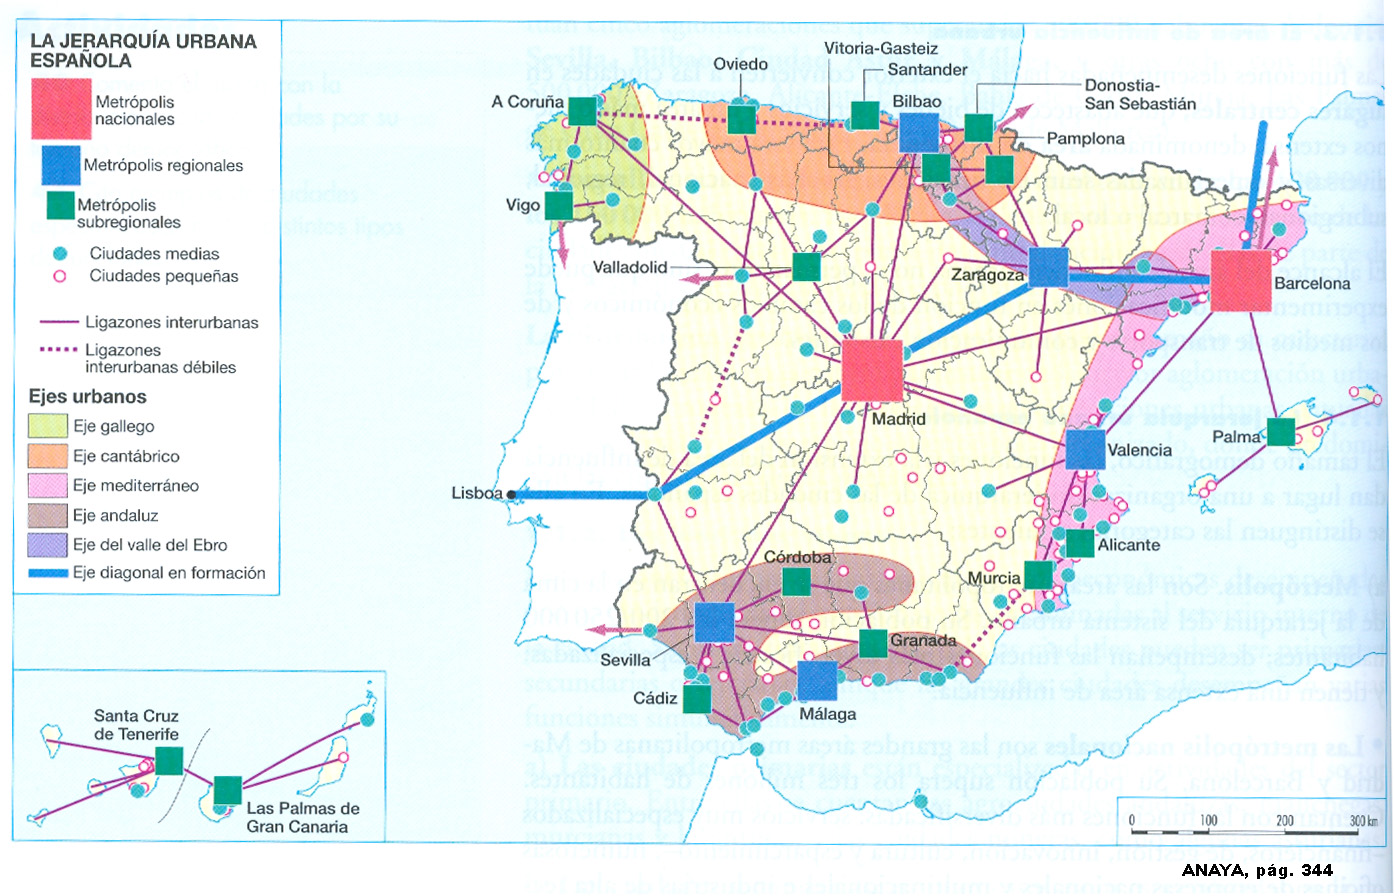 leyes de turismo en espana: